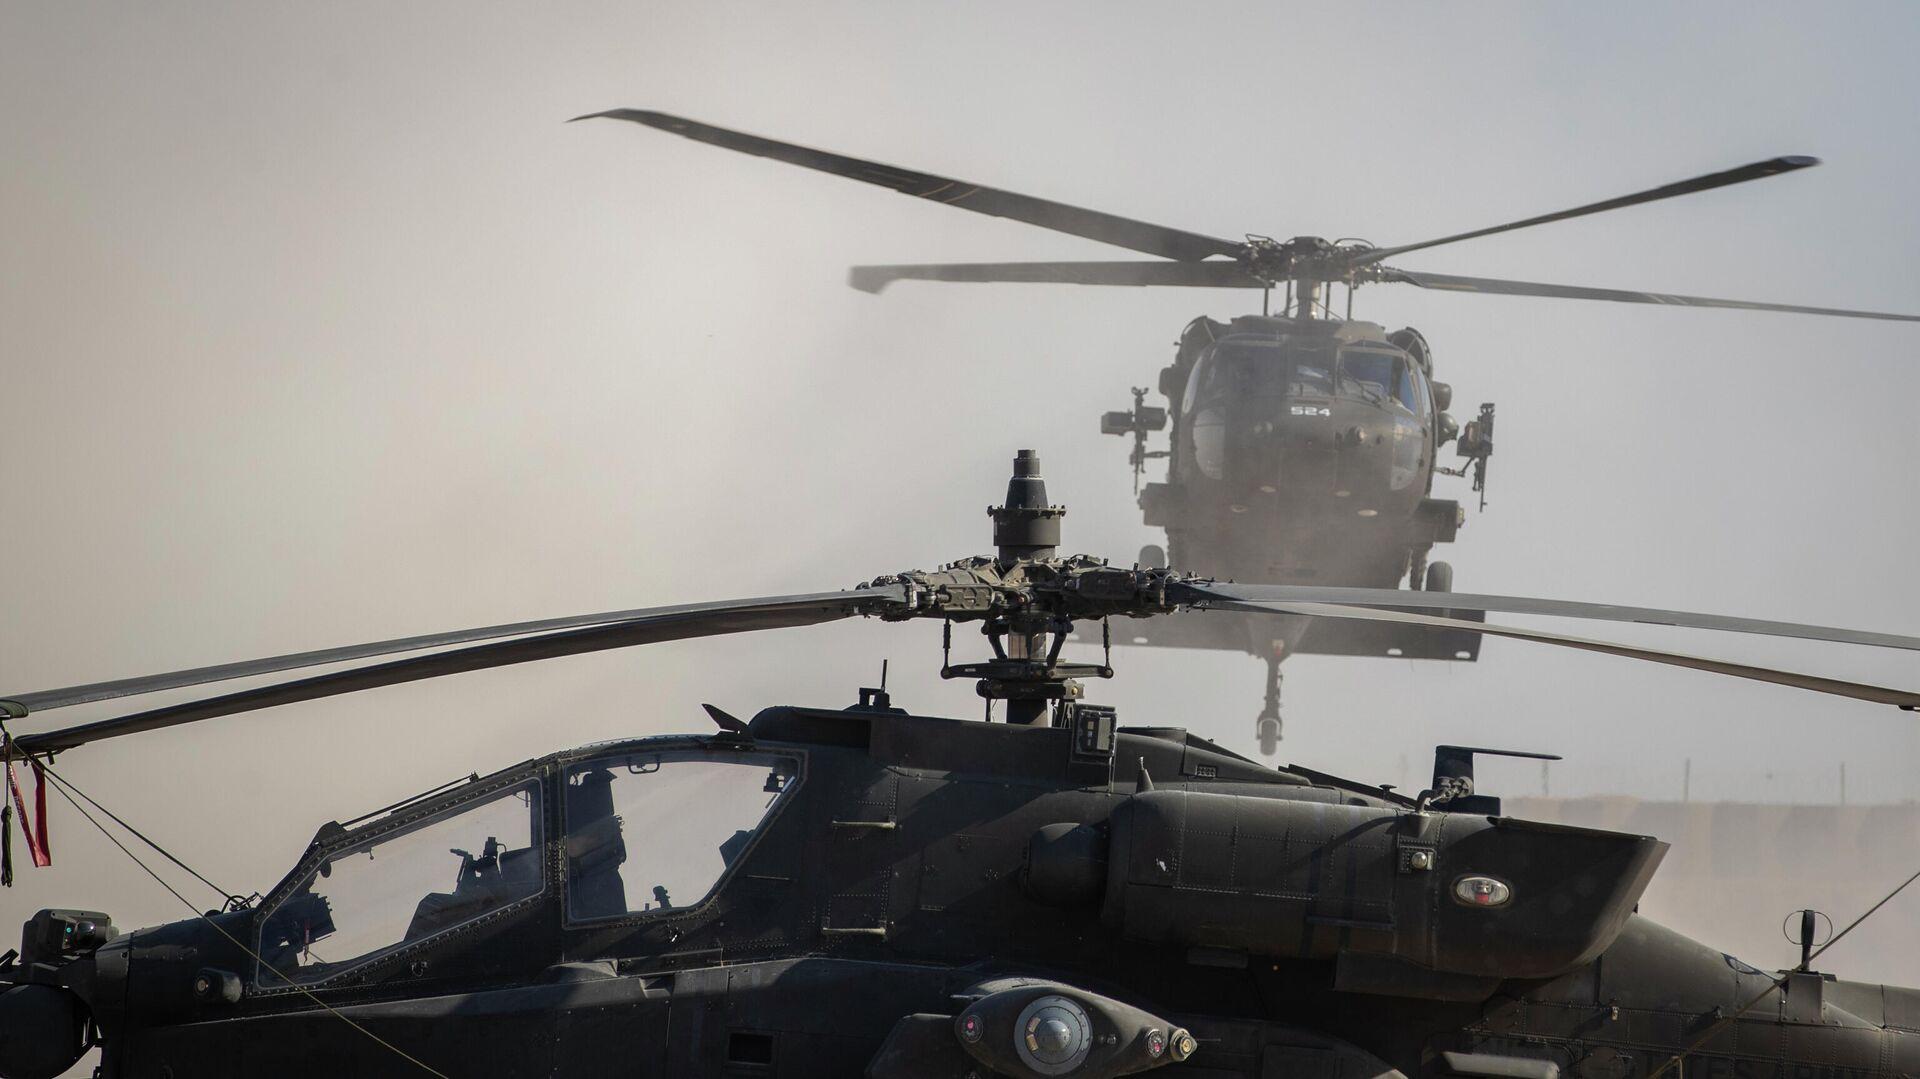 Вертолеты на военной базе США в Сирии - РИА Новости, 1920, 11.02.2021